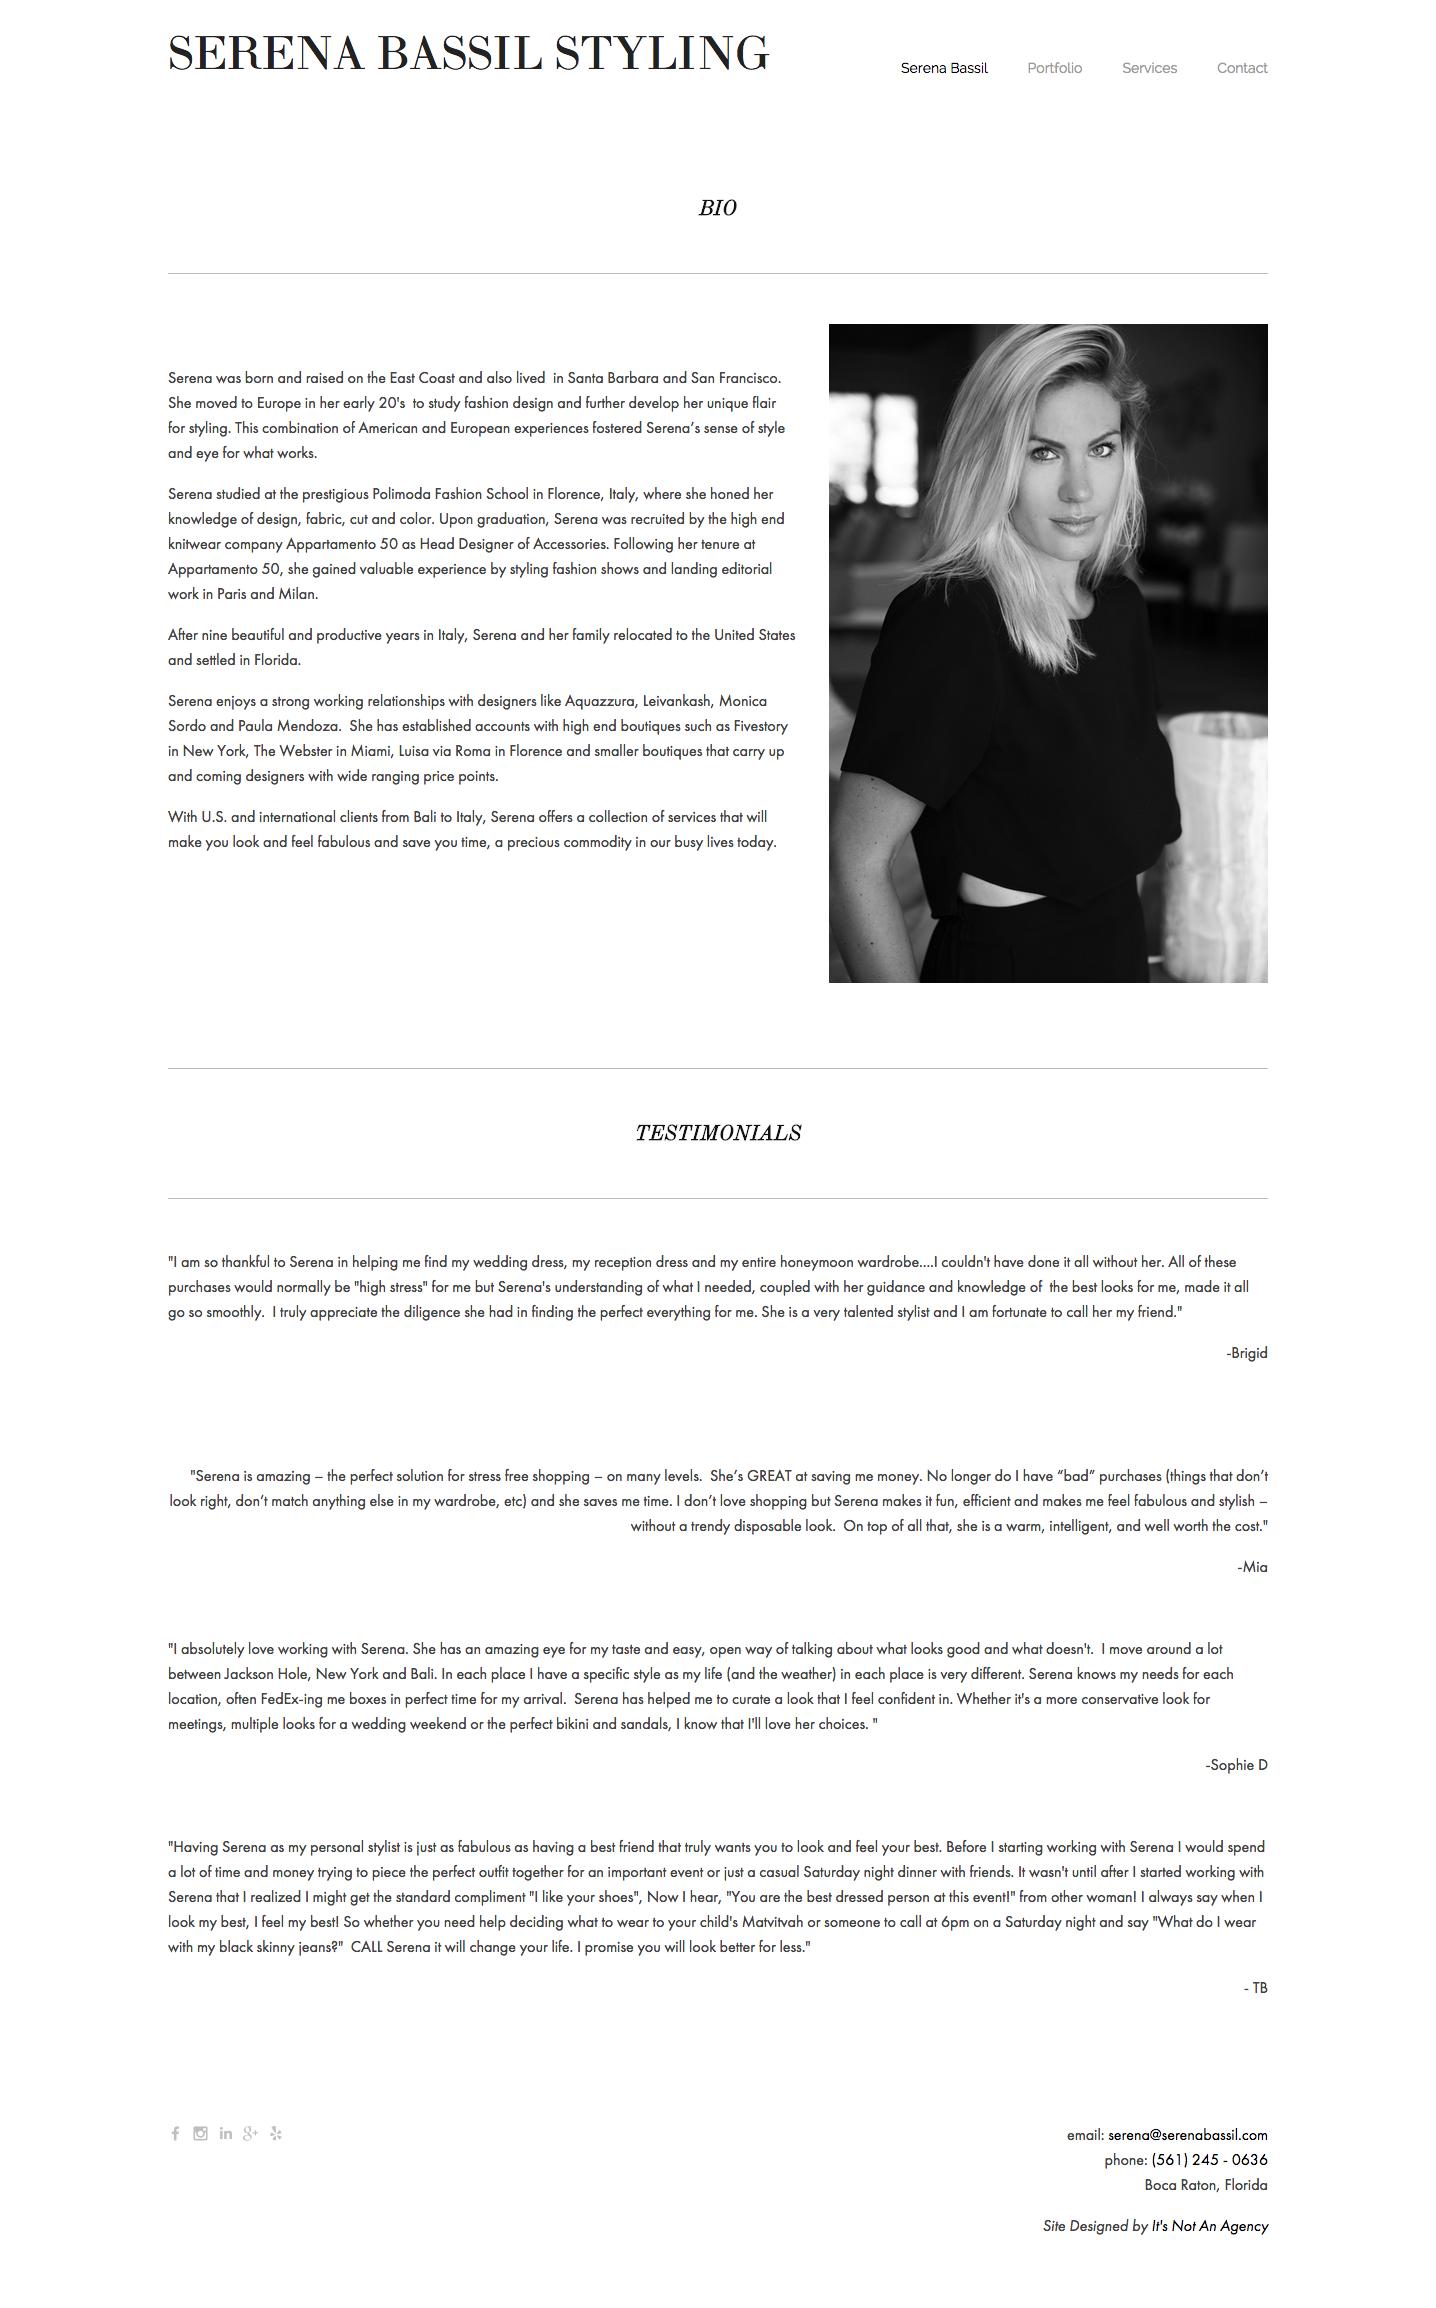 Fashion Website Design_Serena Bassil2.png